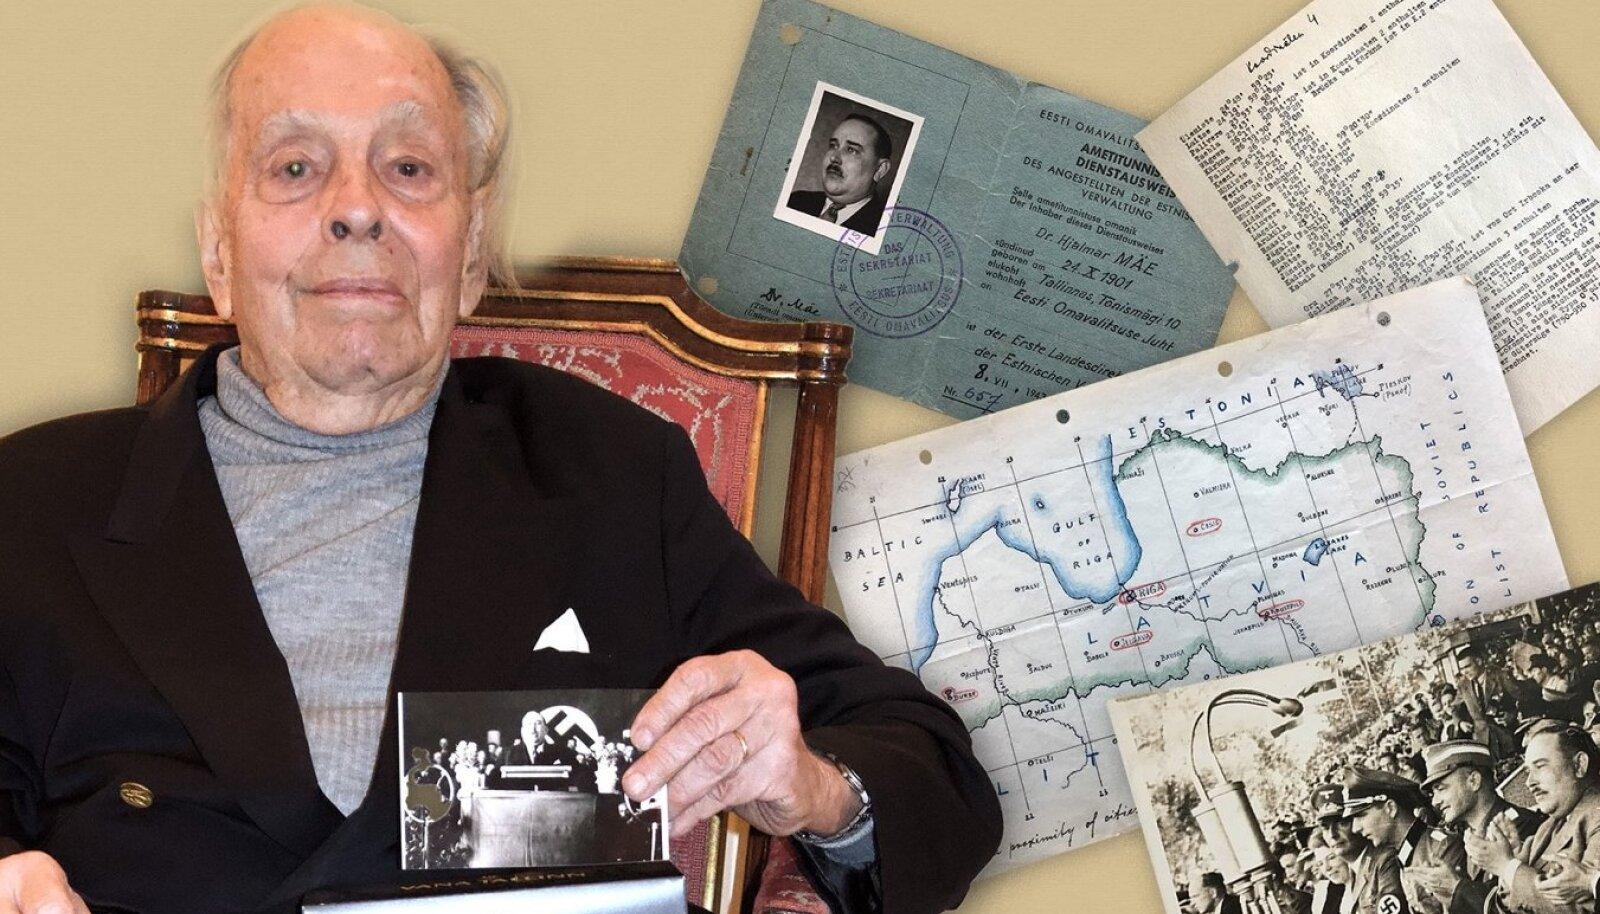 SÕJAVÄELUURAJA: USA luuraja Robert Gerald Livingston hankis 1940ndate lõpus Euroopas Hjalmar Mäelt sõjaks tarvilikke dokumente.